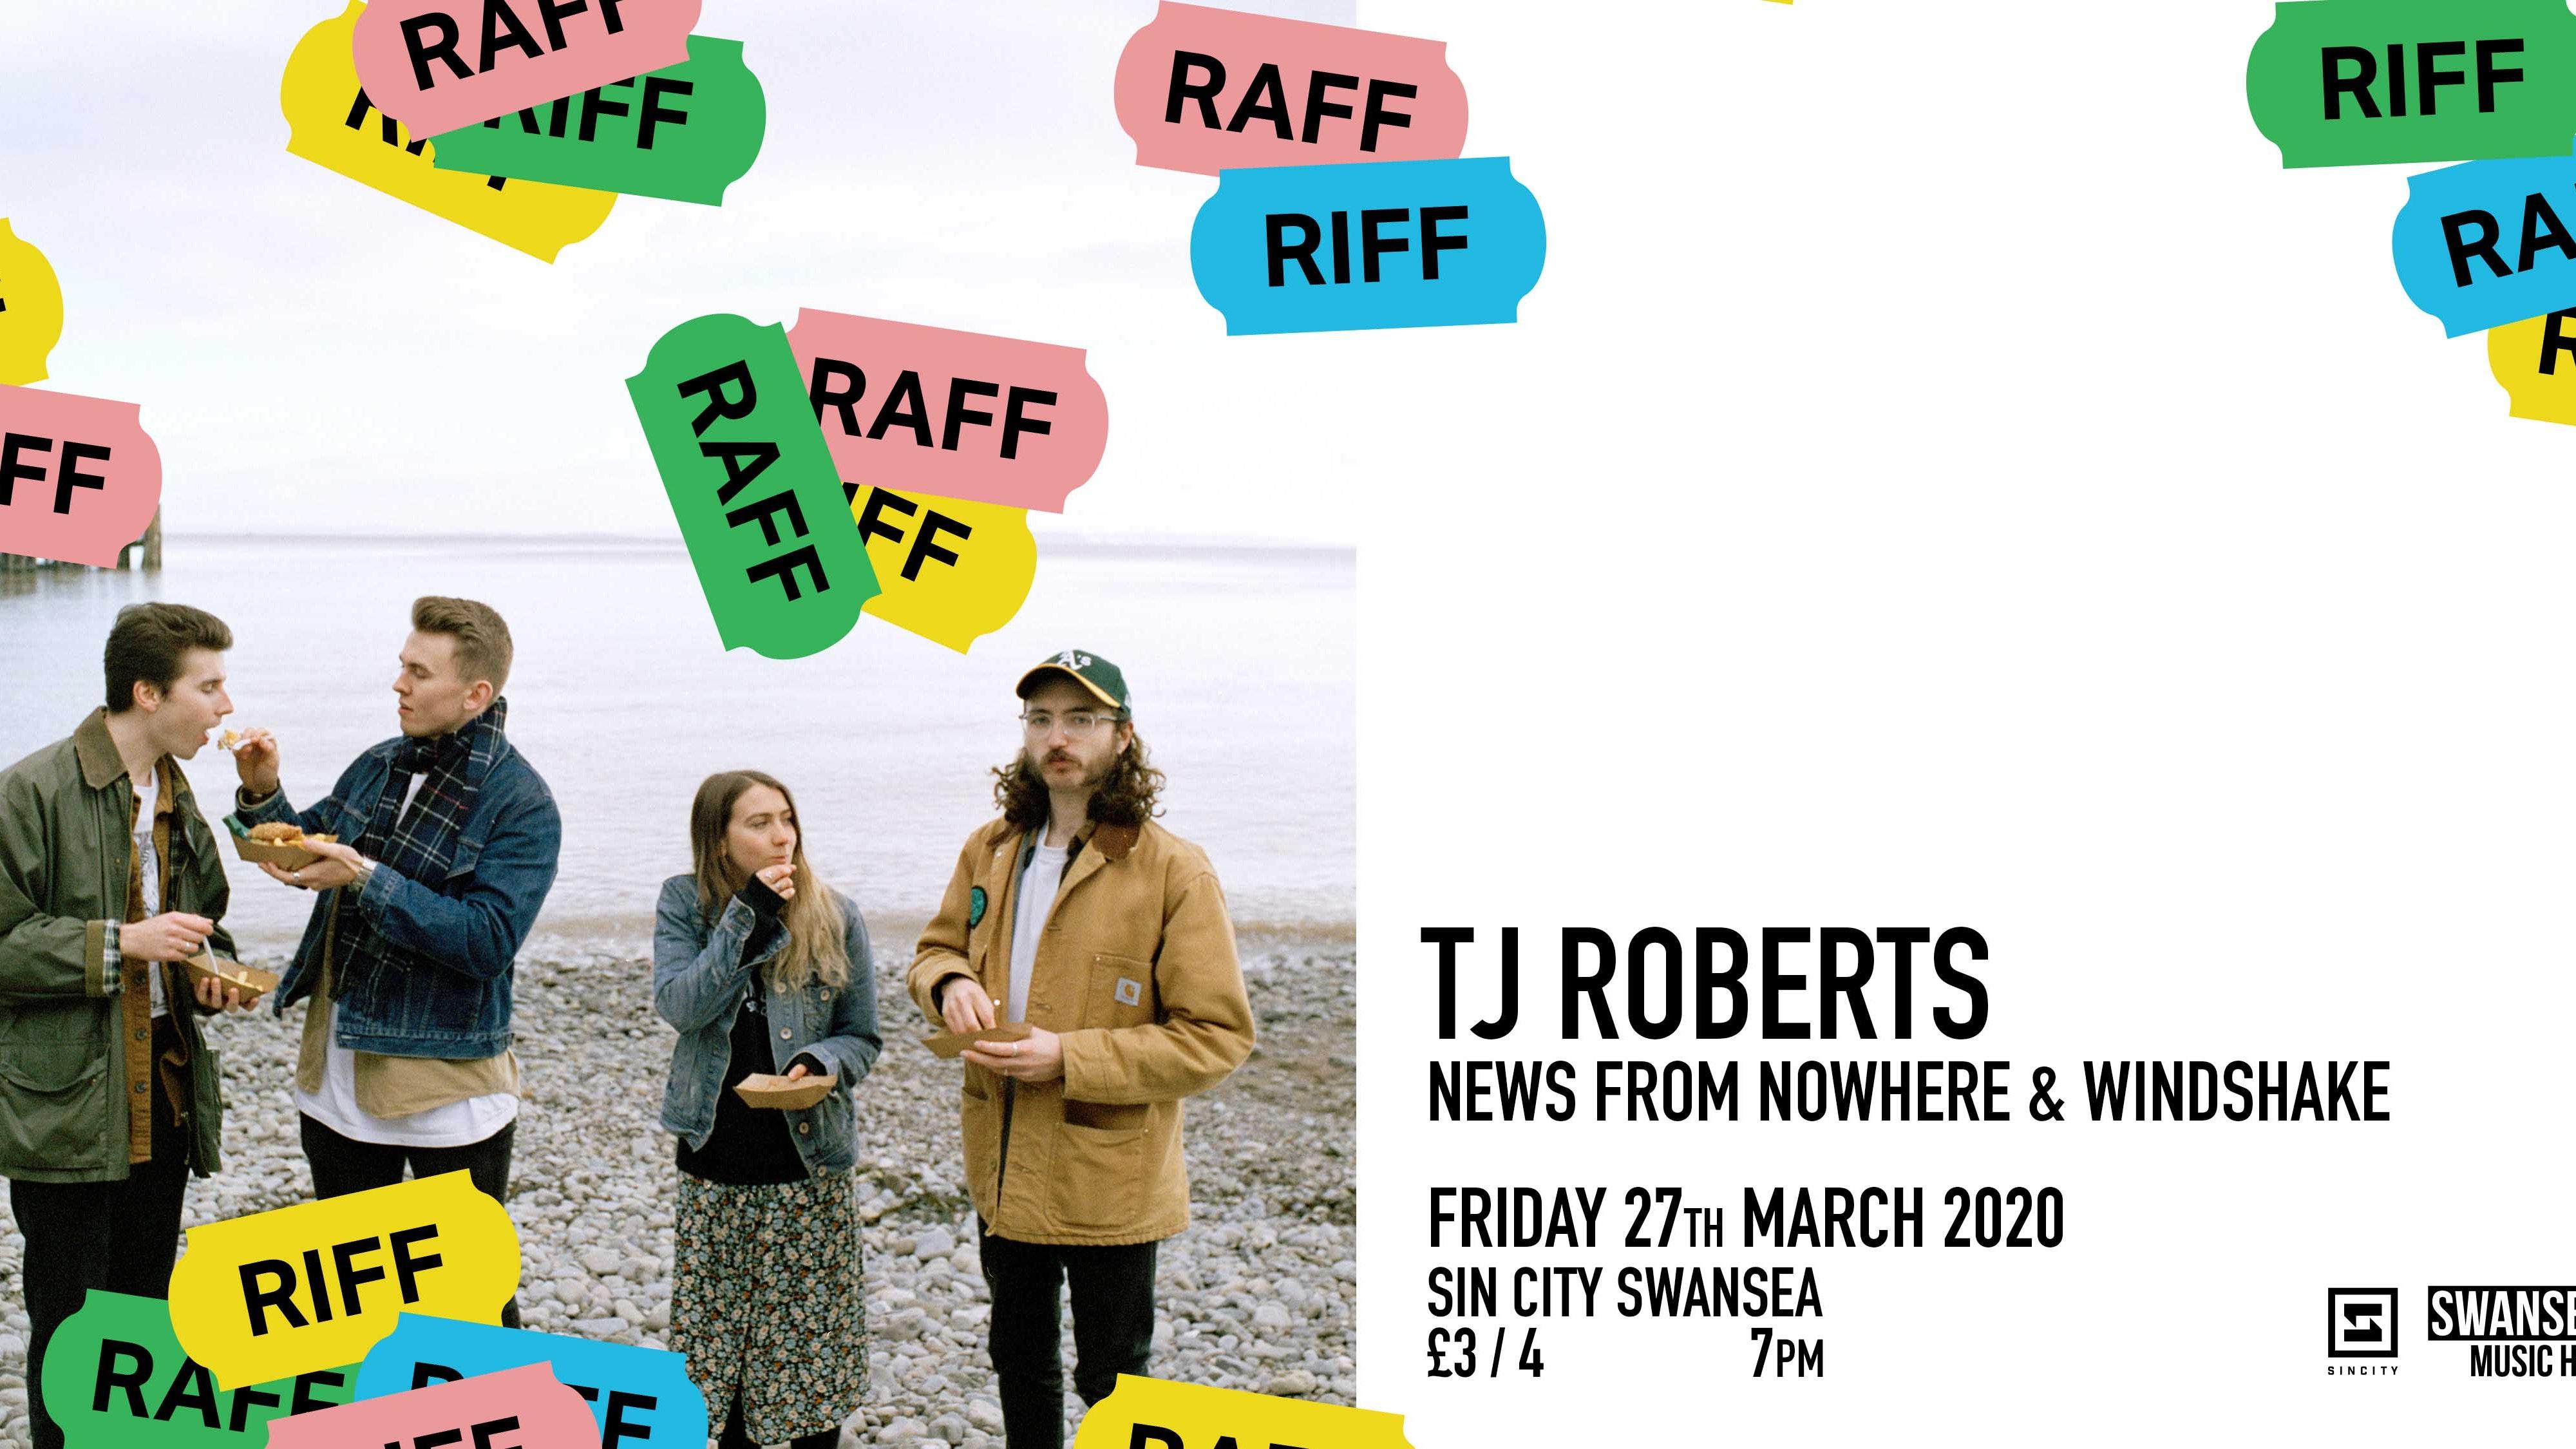 RIFF RAFF Introduces TJ Roberts